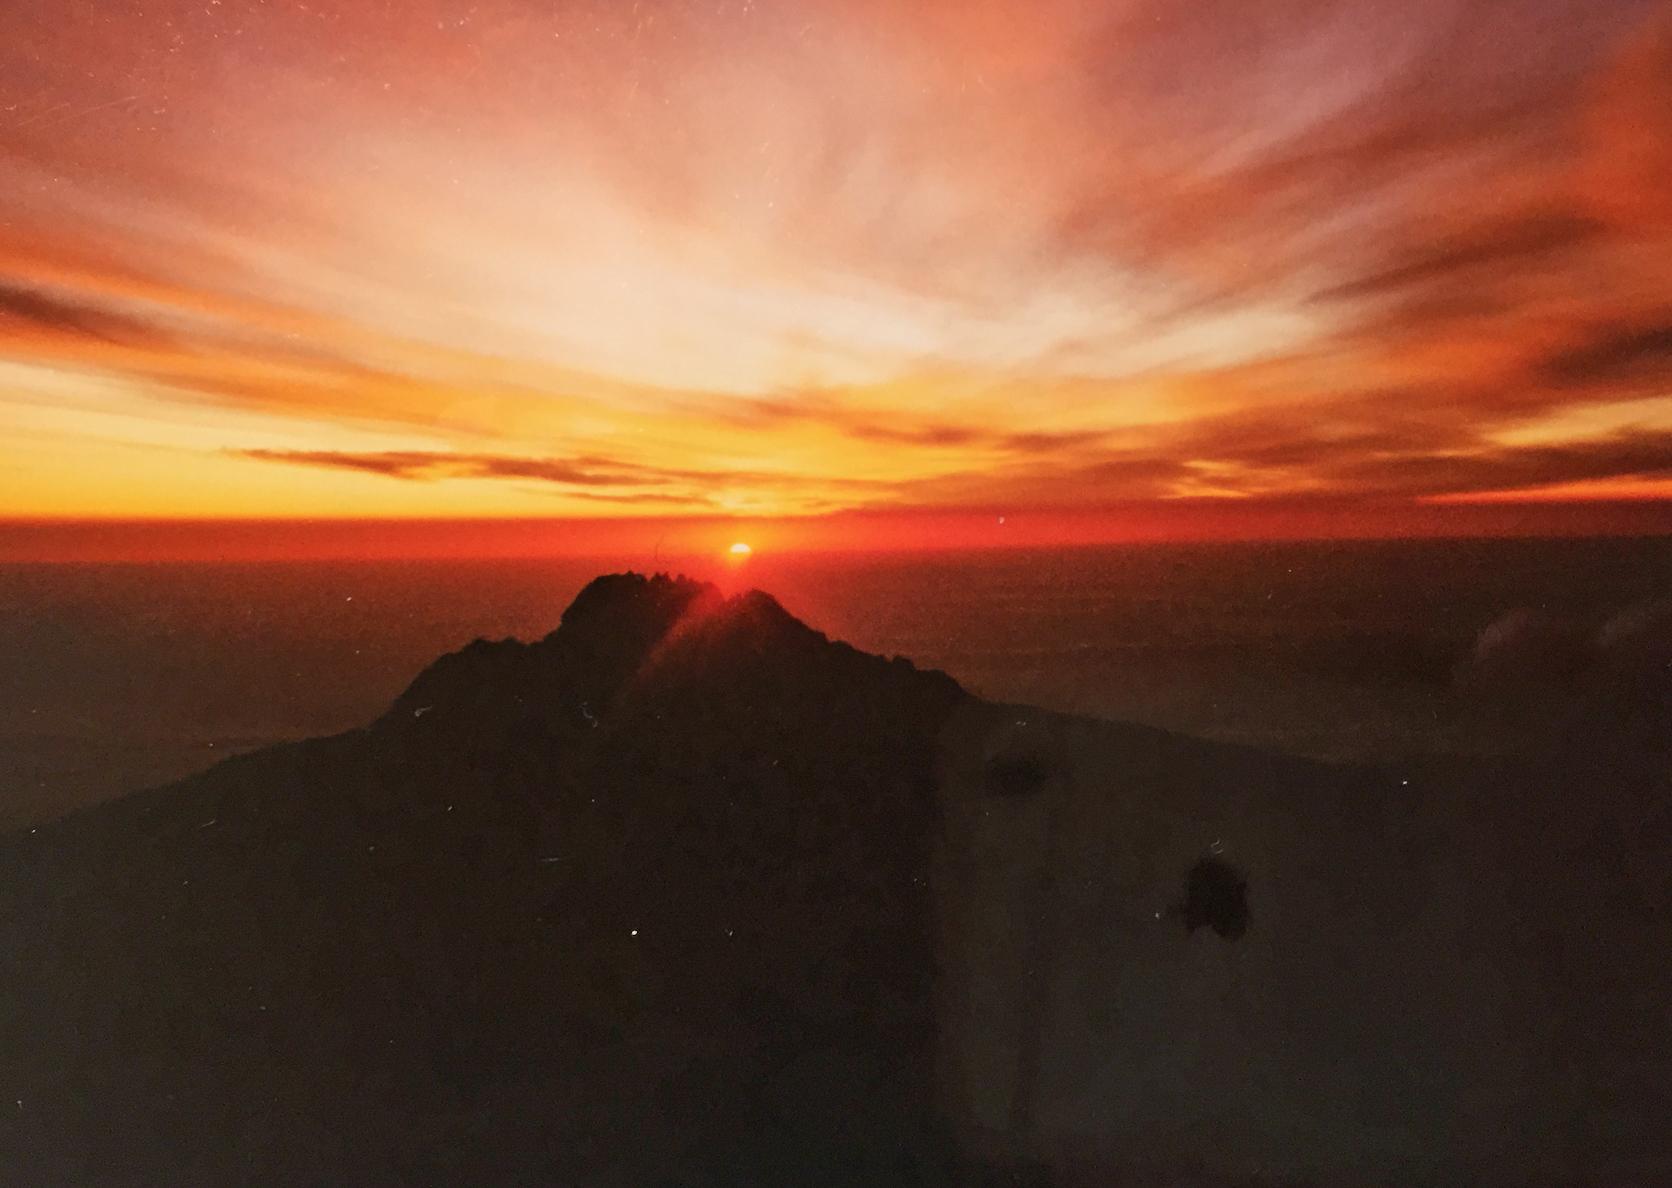 Solen stiger opp bak Mawenzi 5149 moh. Dette bildet tok jeg fra Kilimanjaro (Gilmans Point (5697 moh) før vi fortsatte til toppen, Uhuru Peak, 5897 moh. Foto: Linn Krogh Hansen.